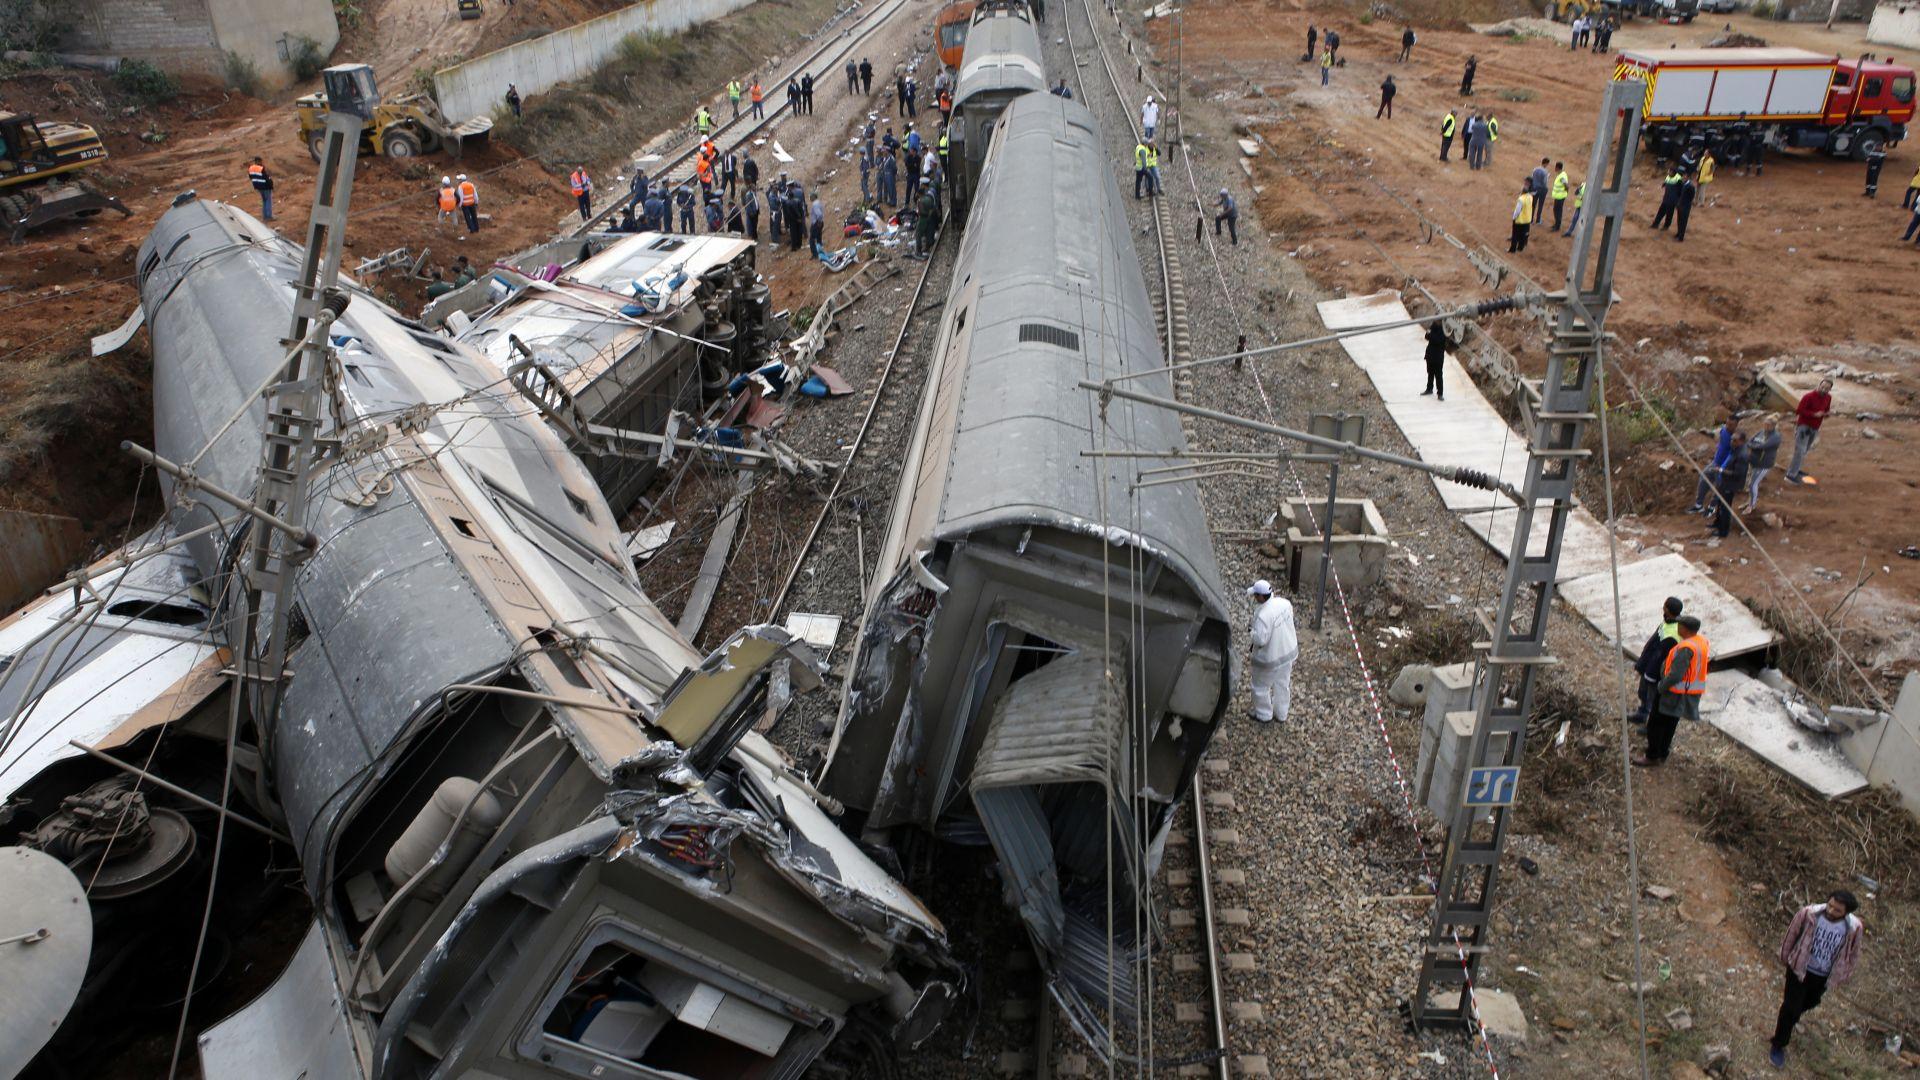 Жертви и десетки ранени във влакова катастрофа в Мароко (снимки)